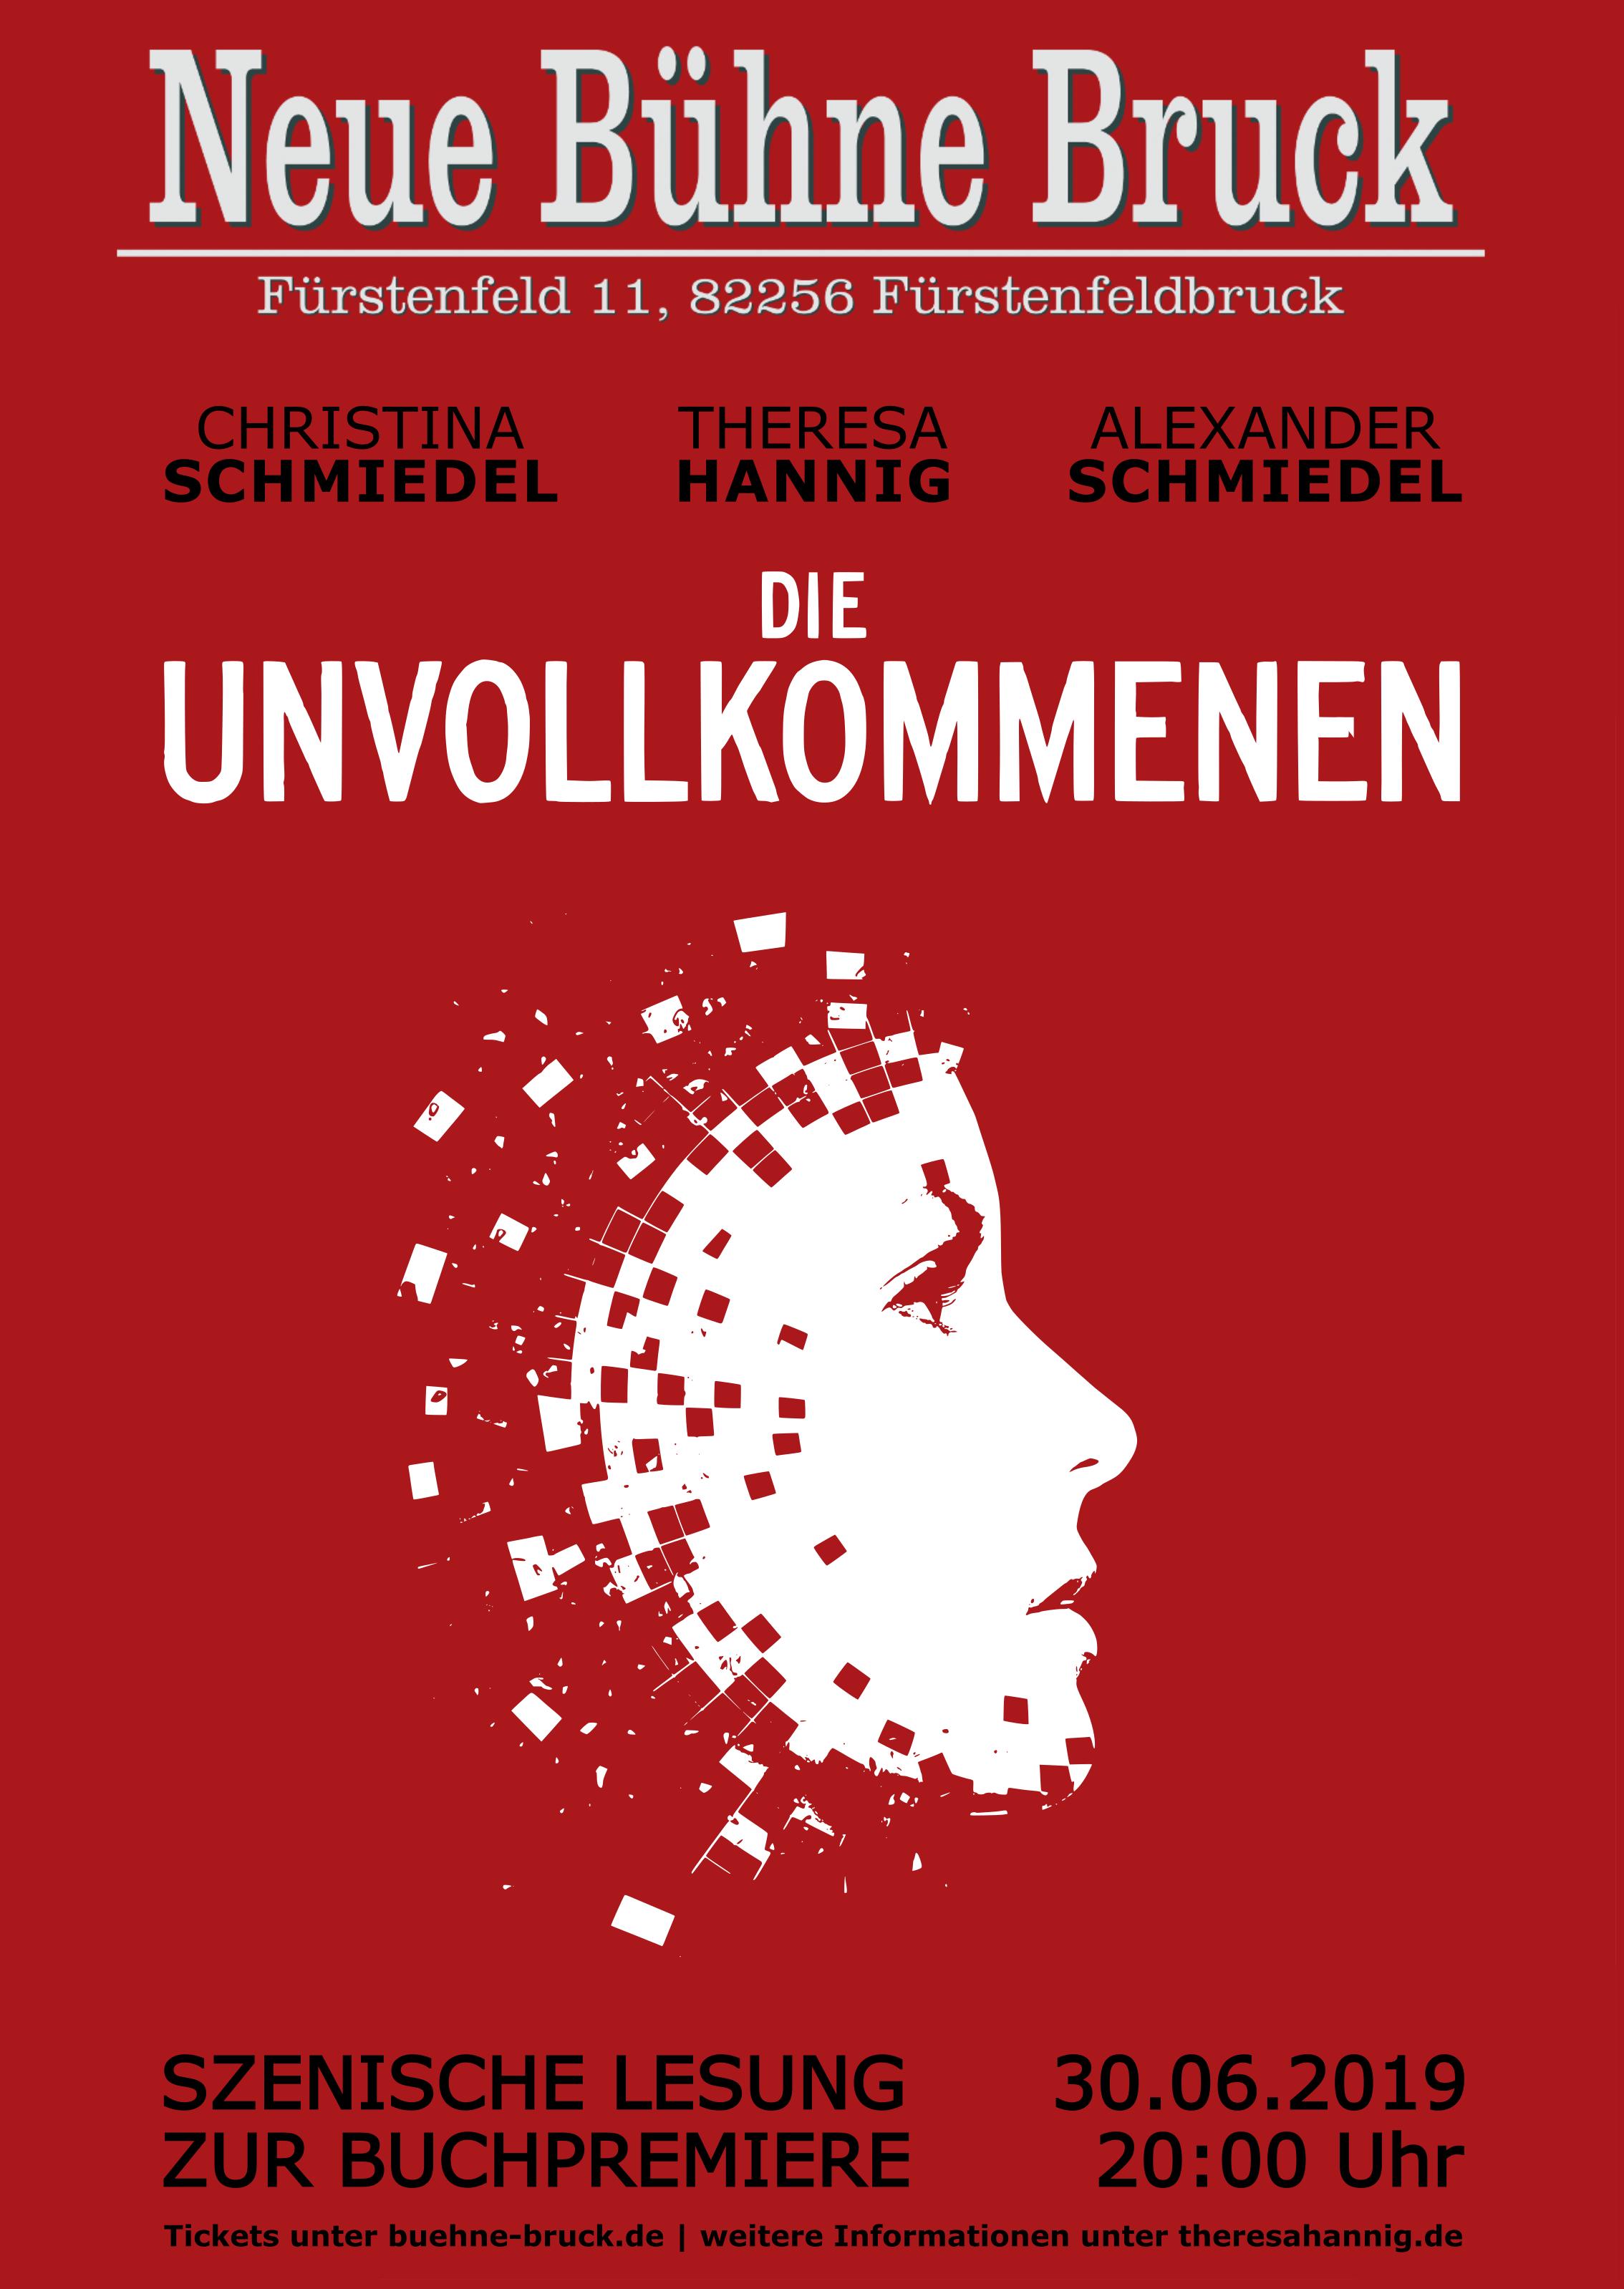 """Szenische Lesung zur Buchpremiere von """"Die Unvollkommenen"""" – Jetzt Tickets sichern!"""